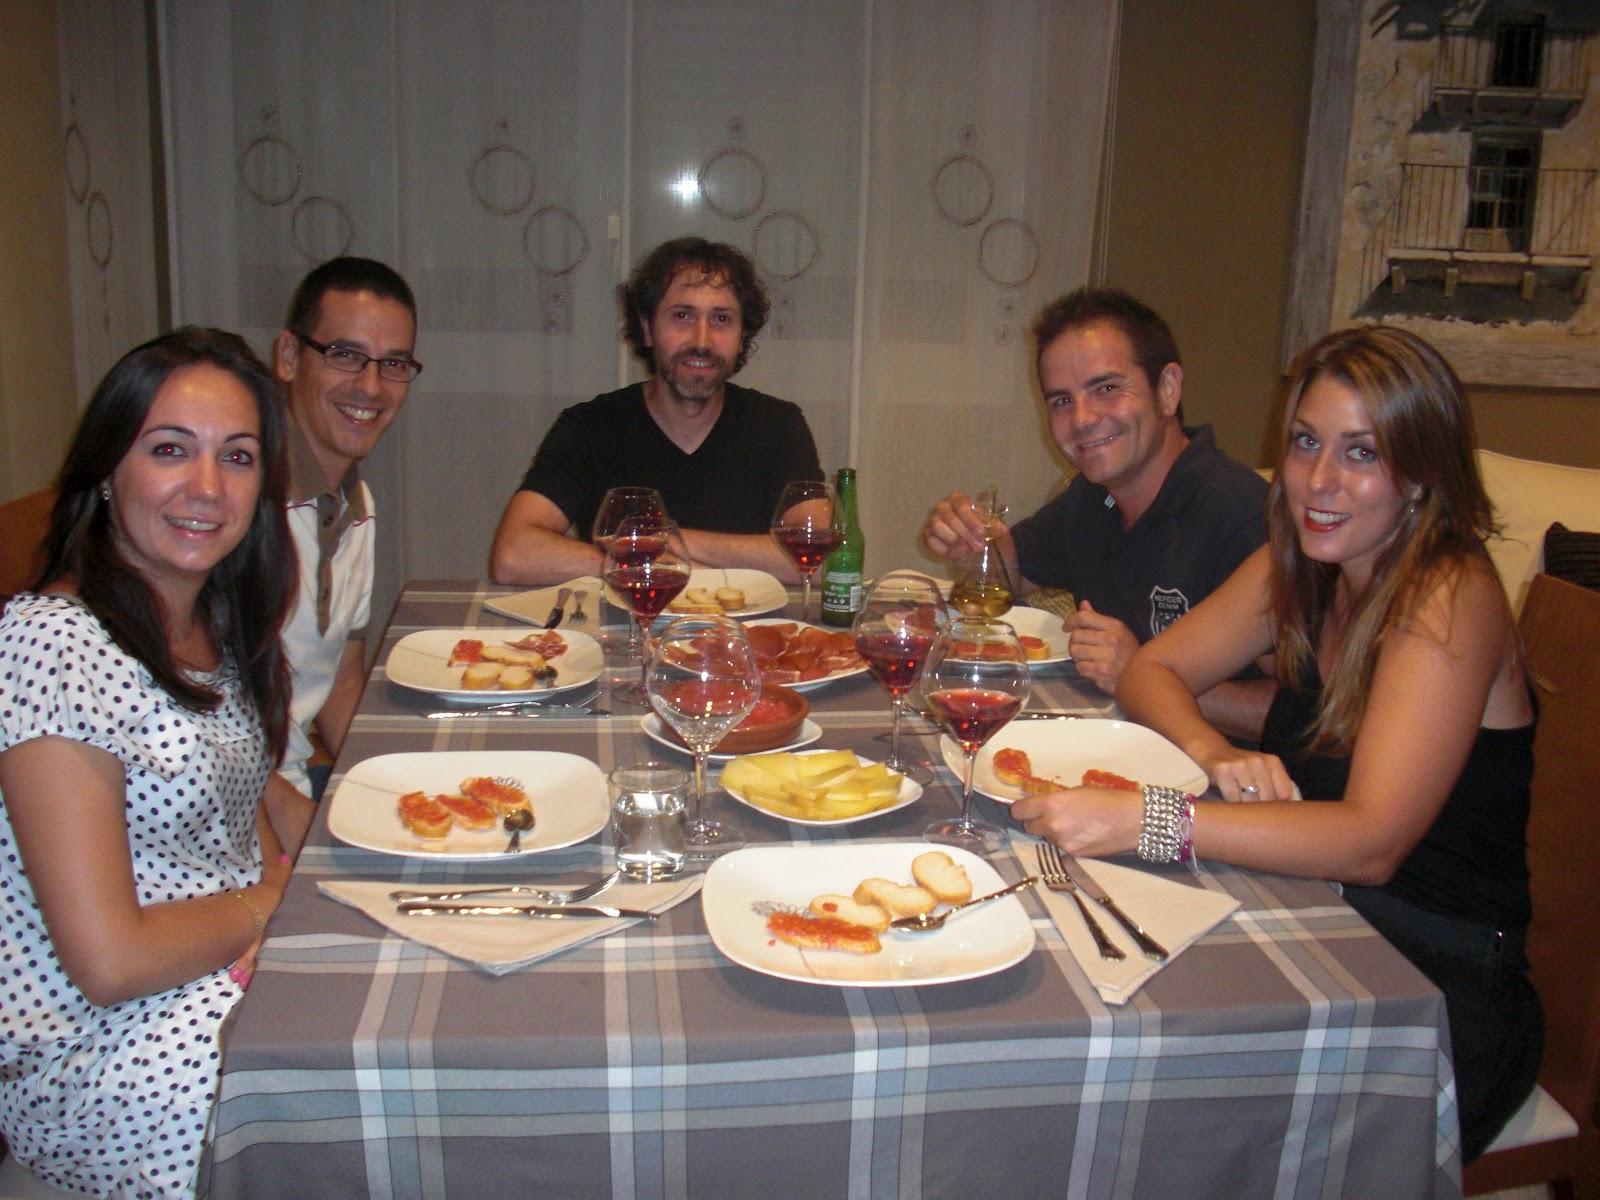 Mime ticos cena con amigos for Cena fria para amigos